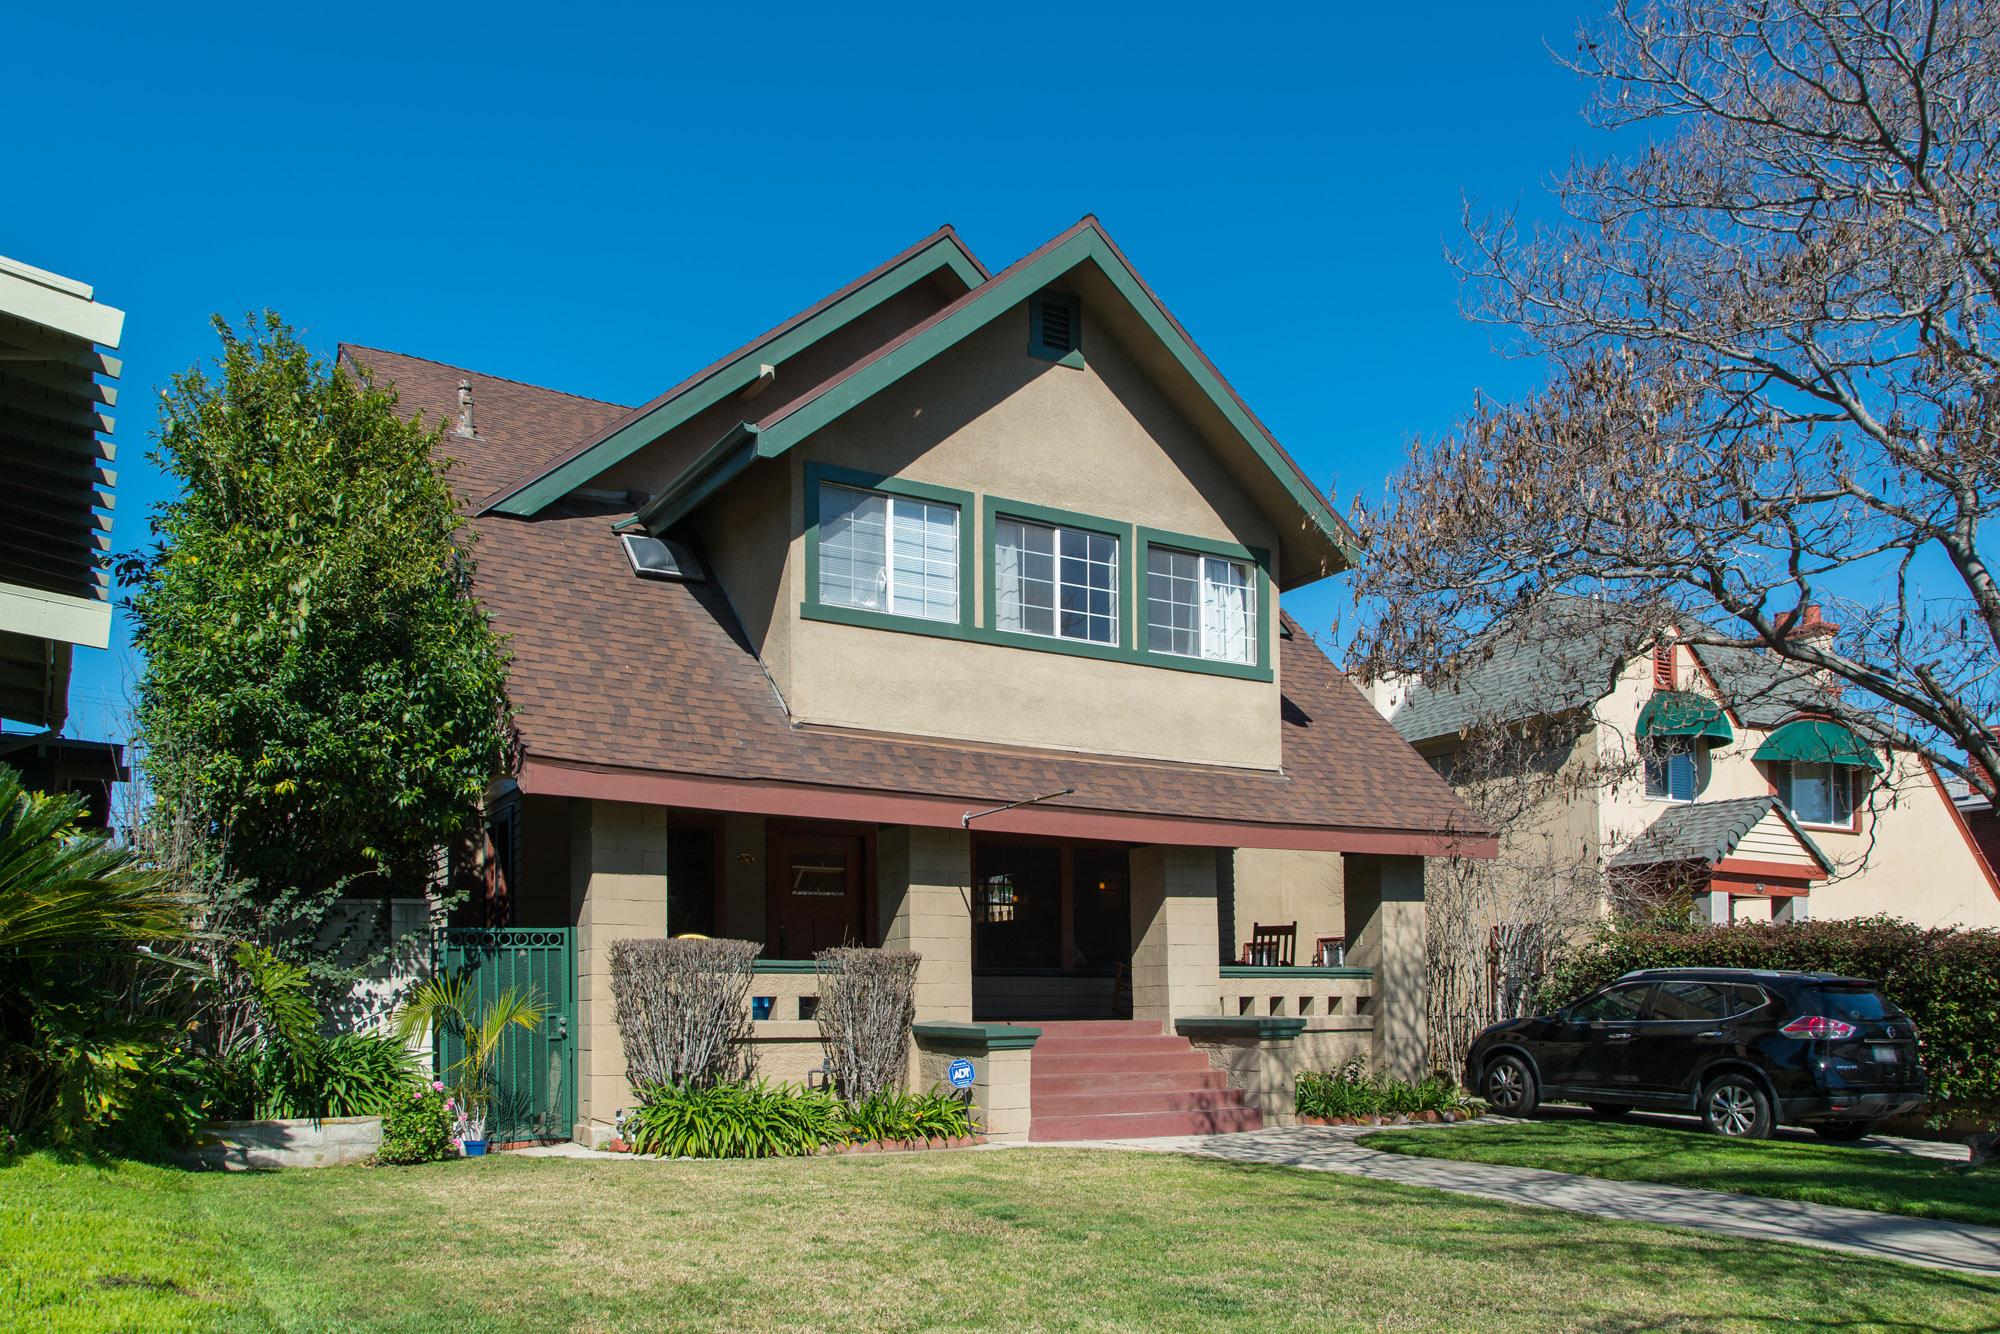 1219 S. Victoria Avenue - LOS ANGELES